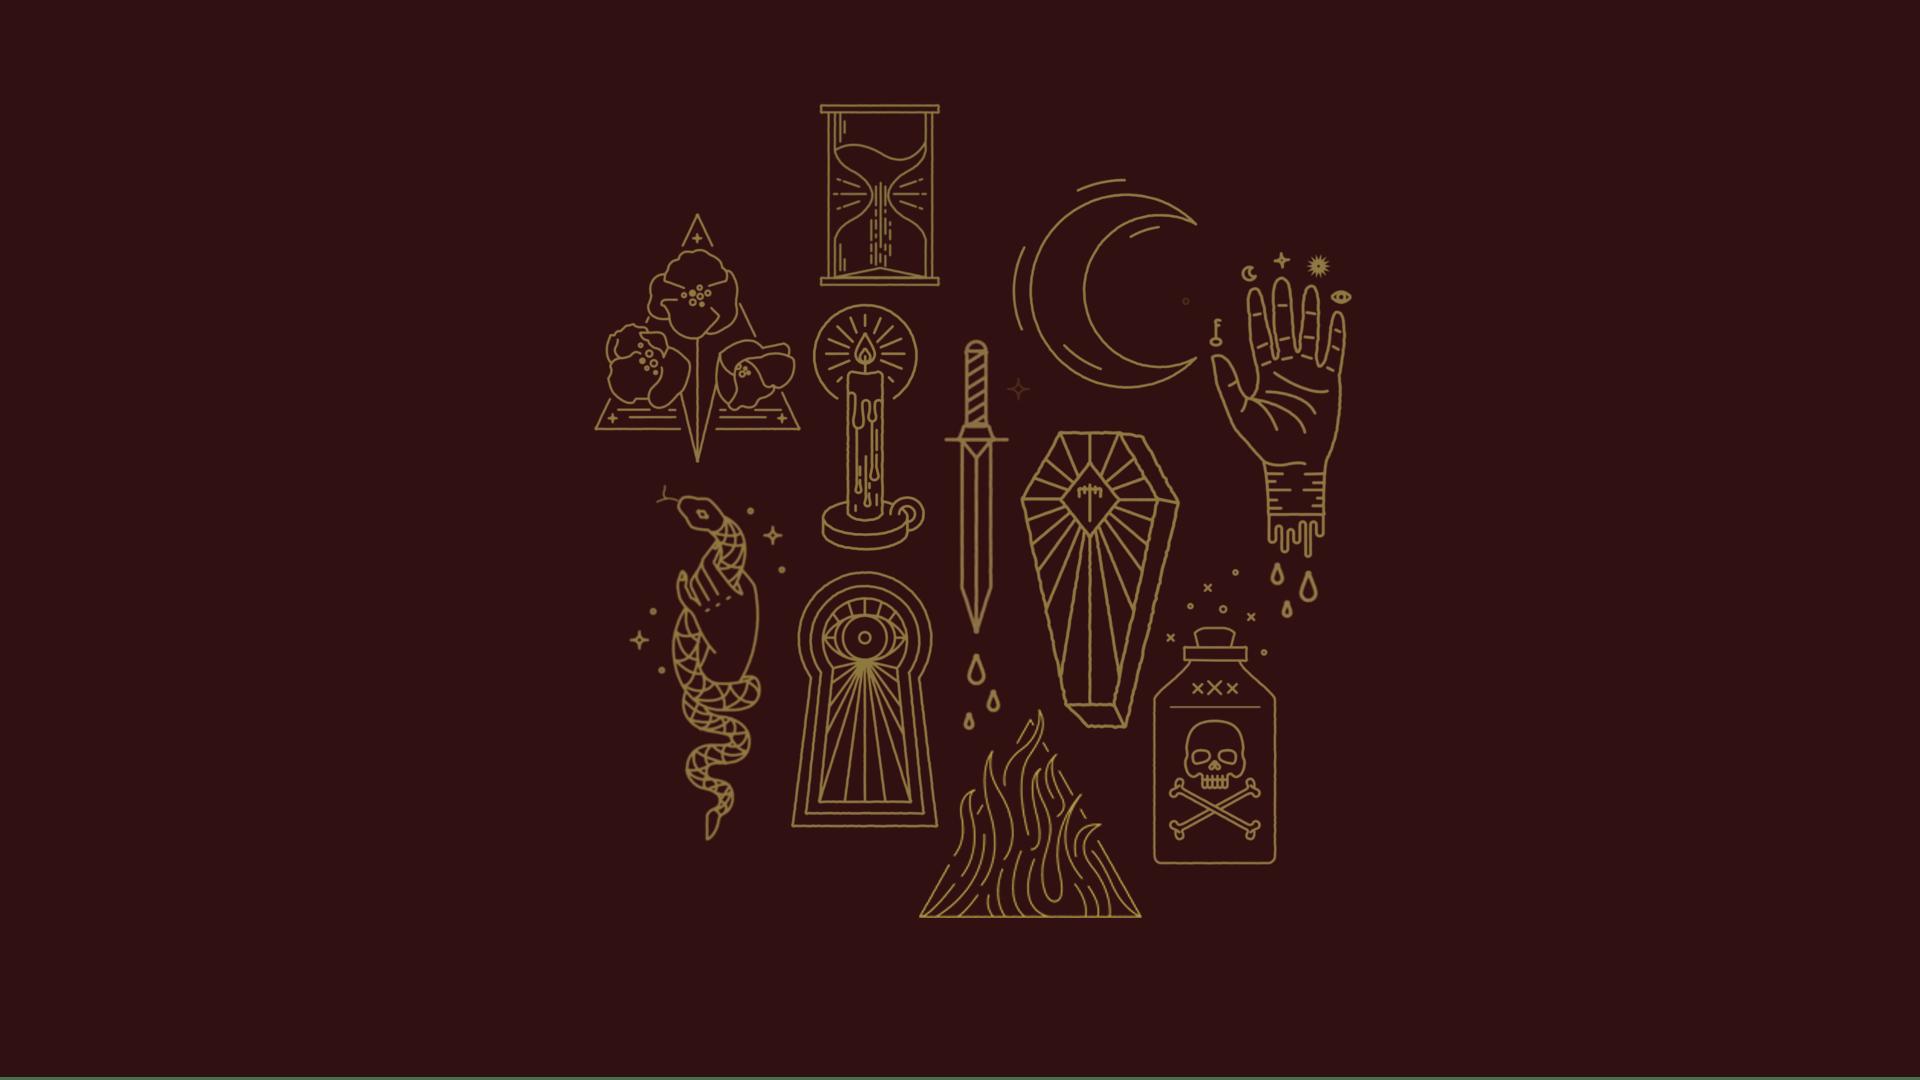 Trivium Wallpapers - Top Free Trivium